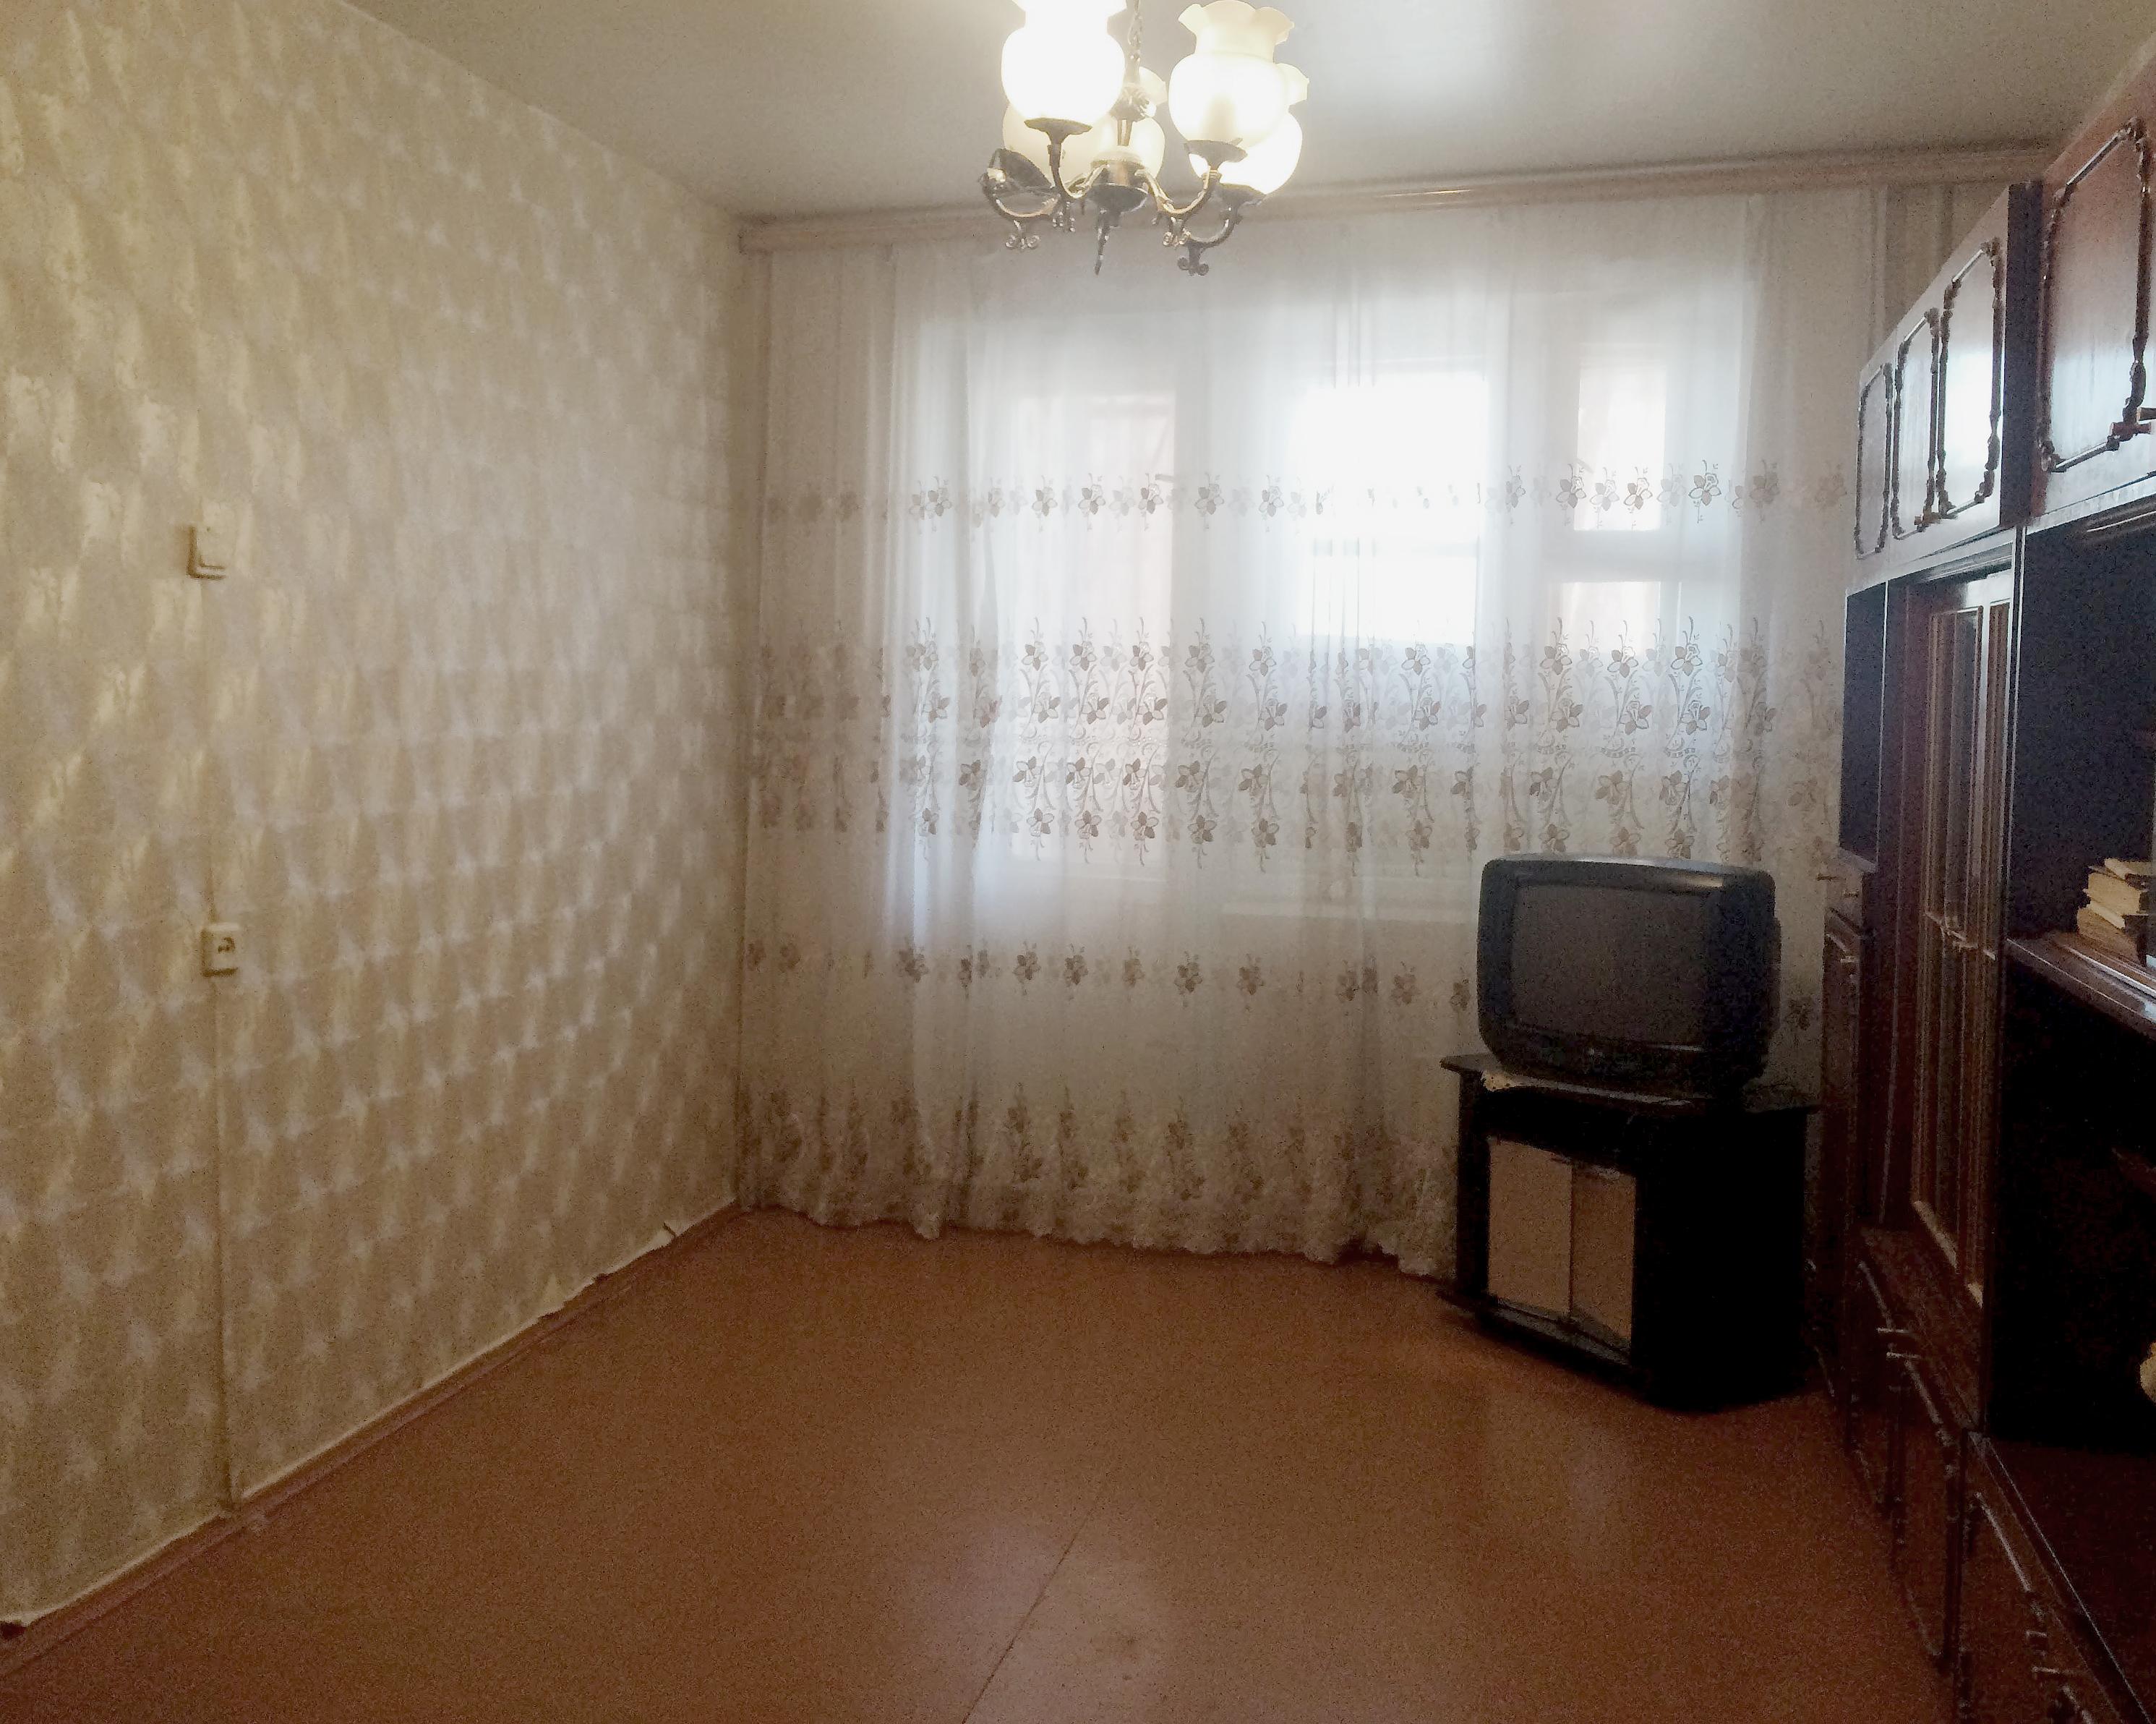 Продается двухкомнатная квартира в Сипайлово, площадью 44,6 м2